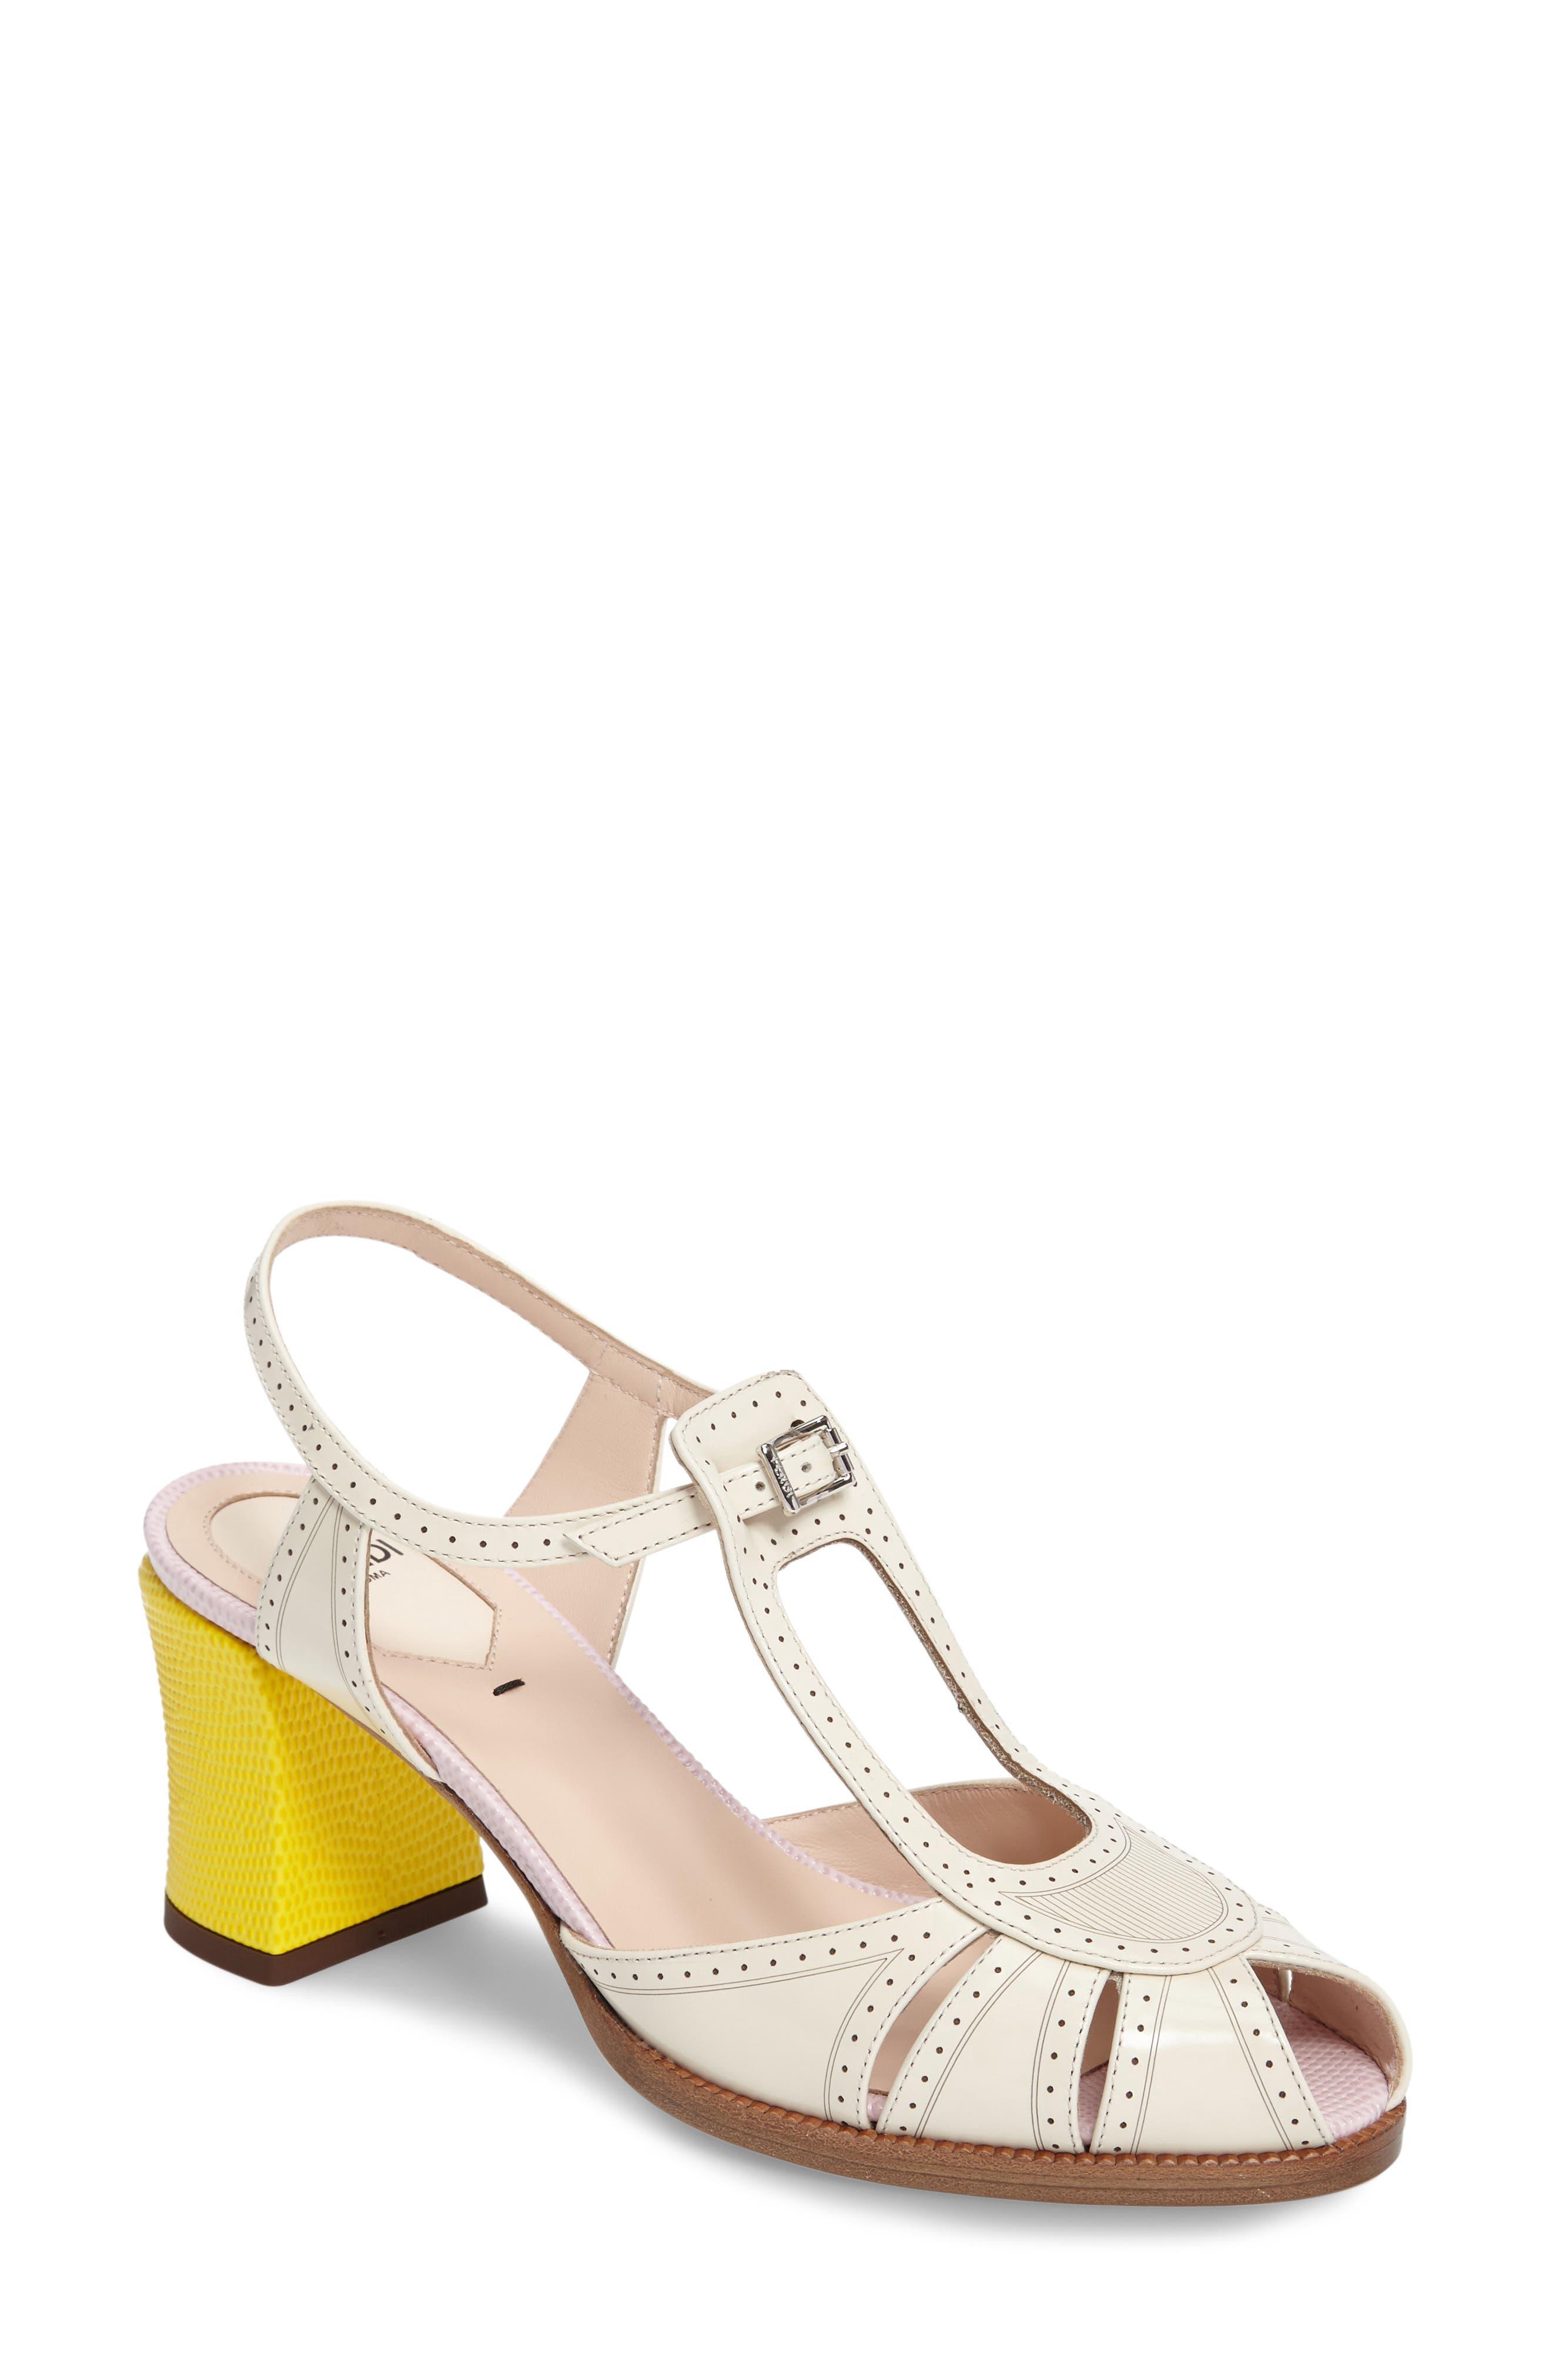 FENDI 'Chameleon' Leather Sandal